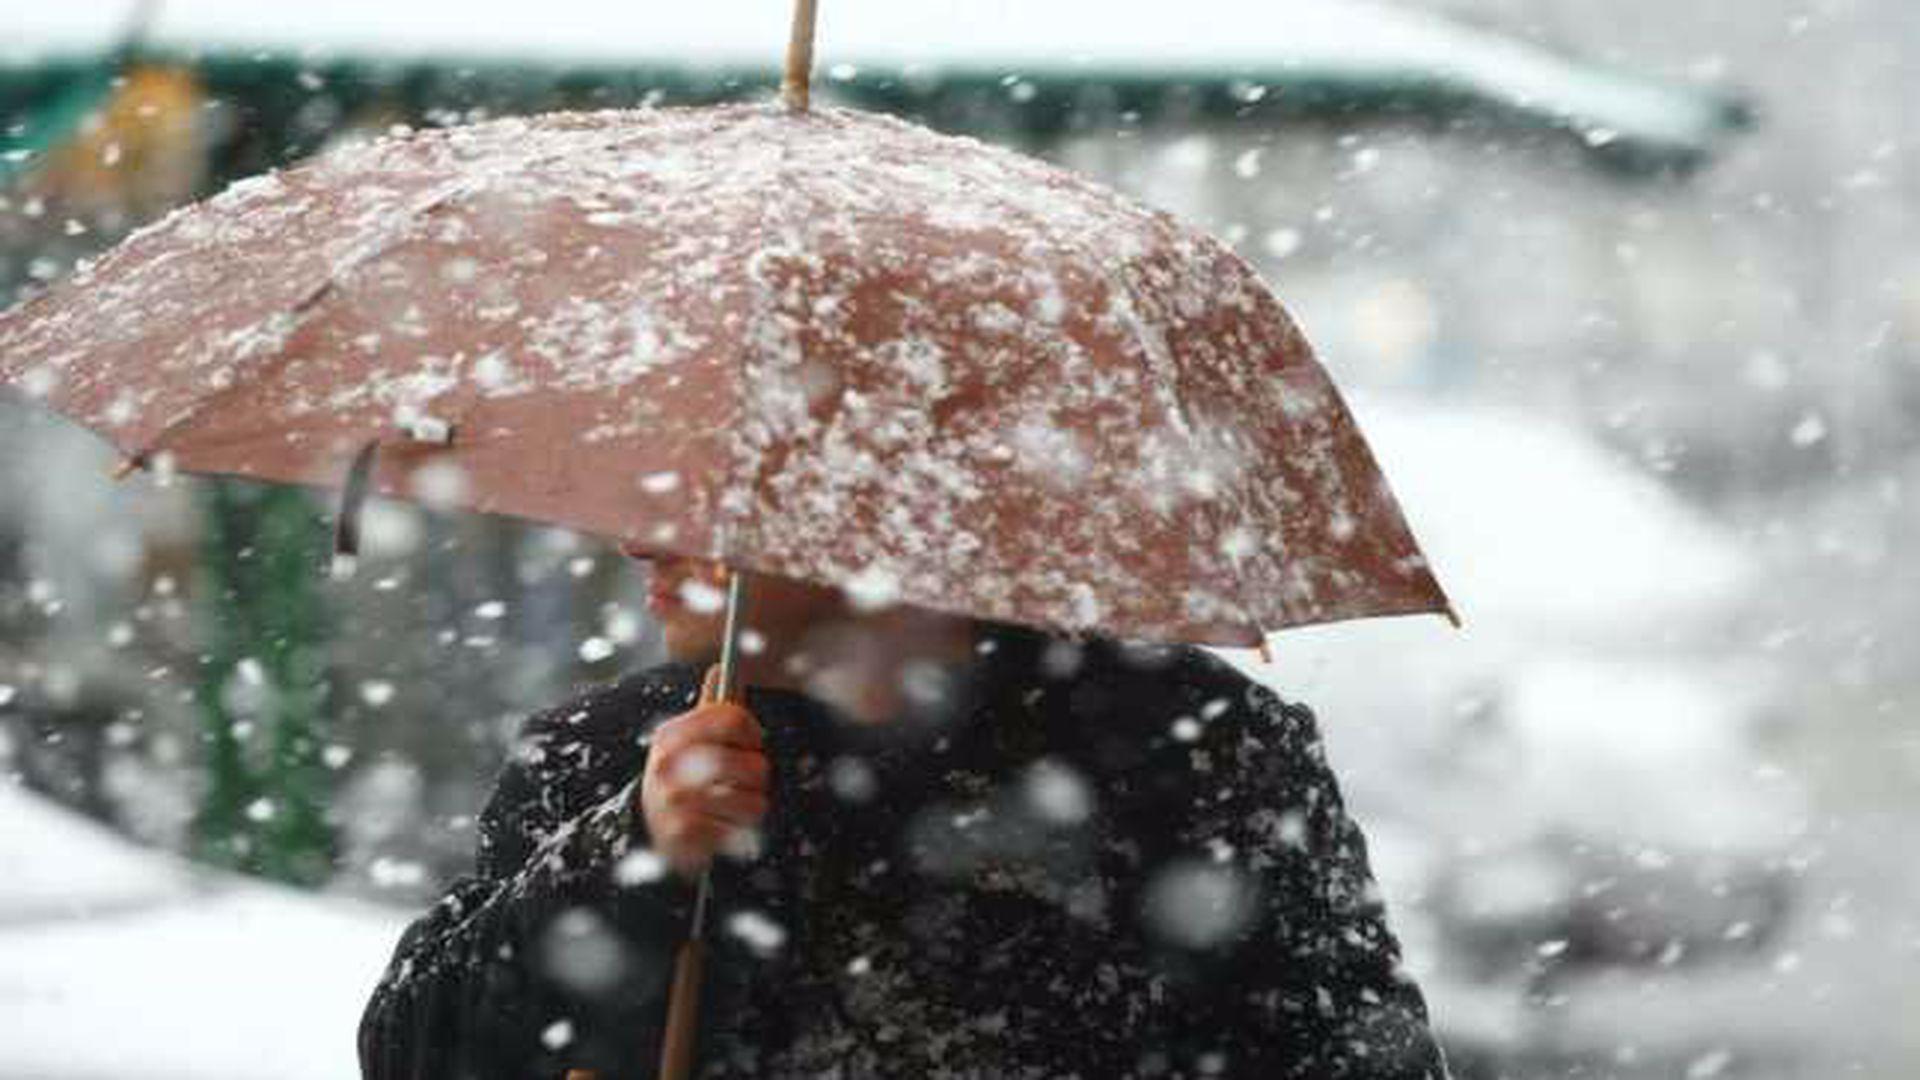 Vremea se schimbă radical. Iarna face prăpăd în toată țara